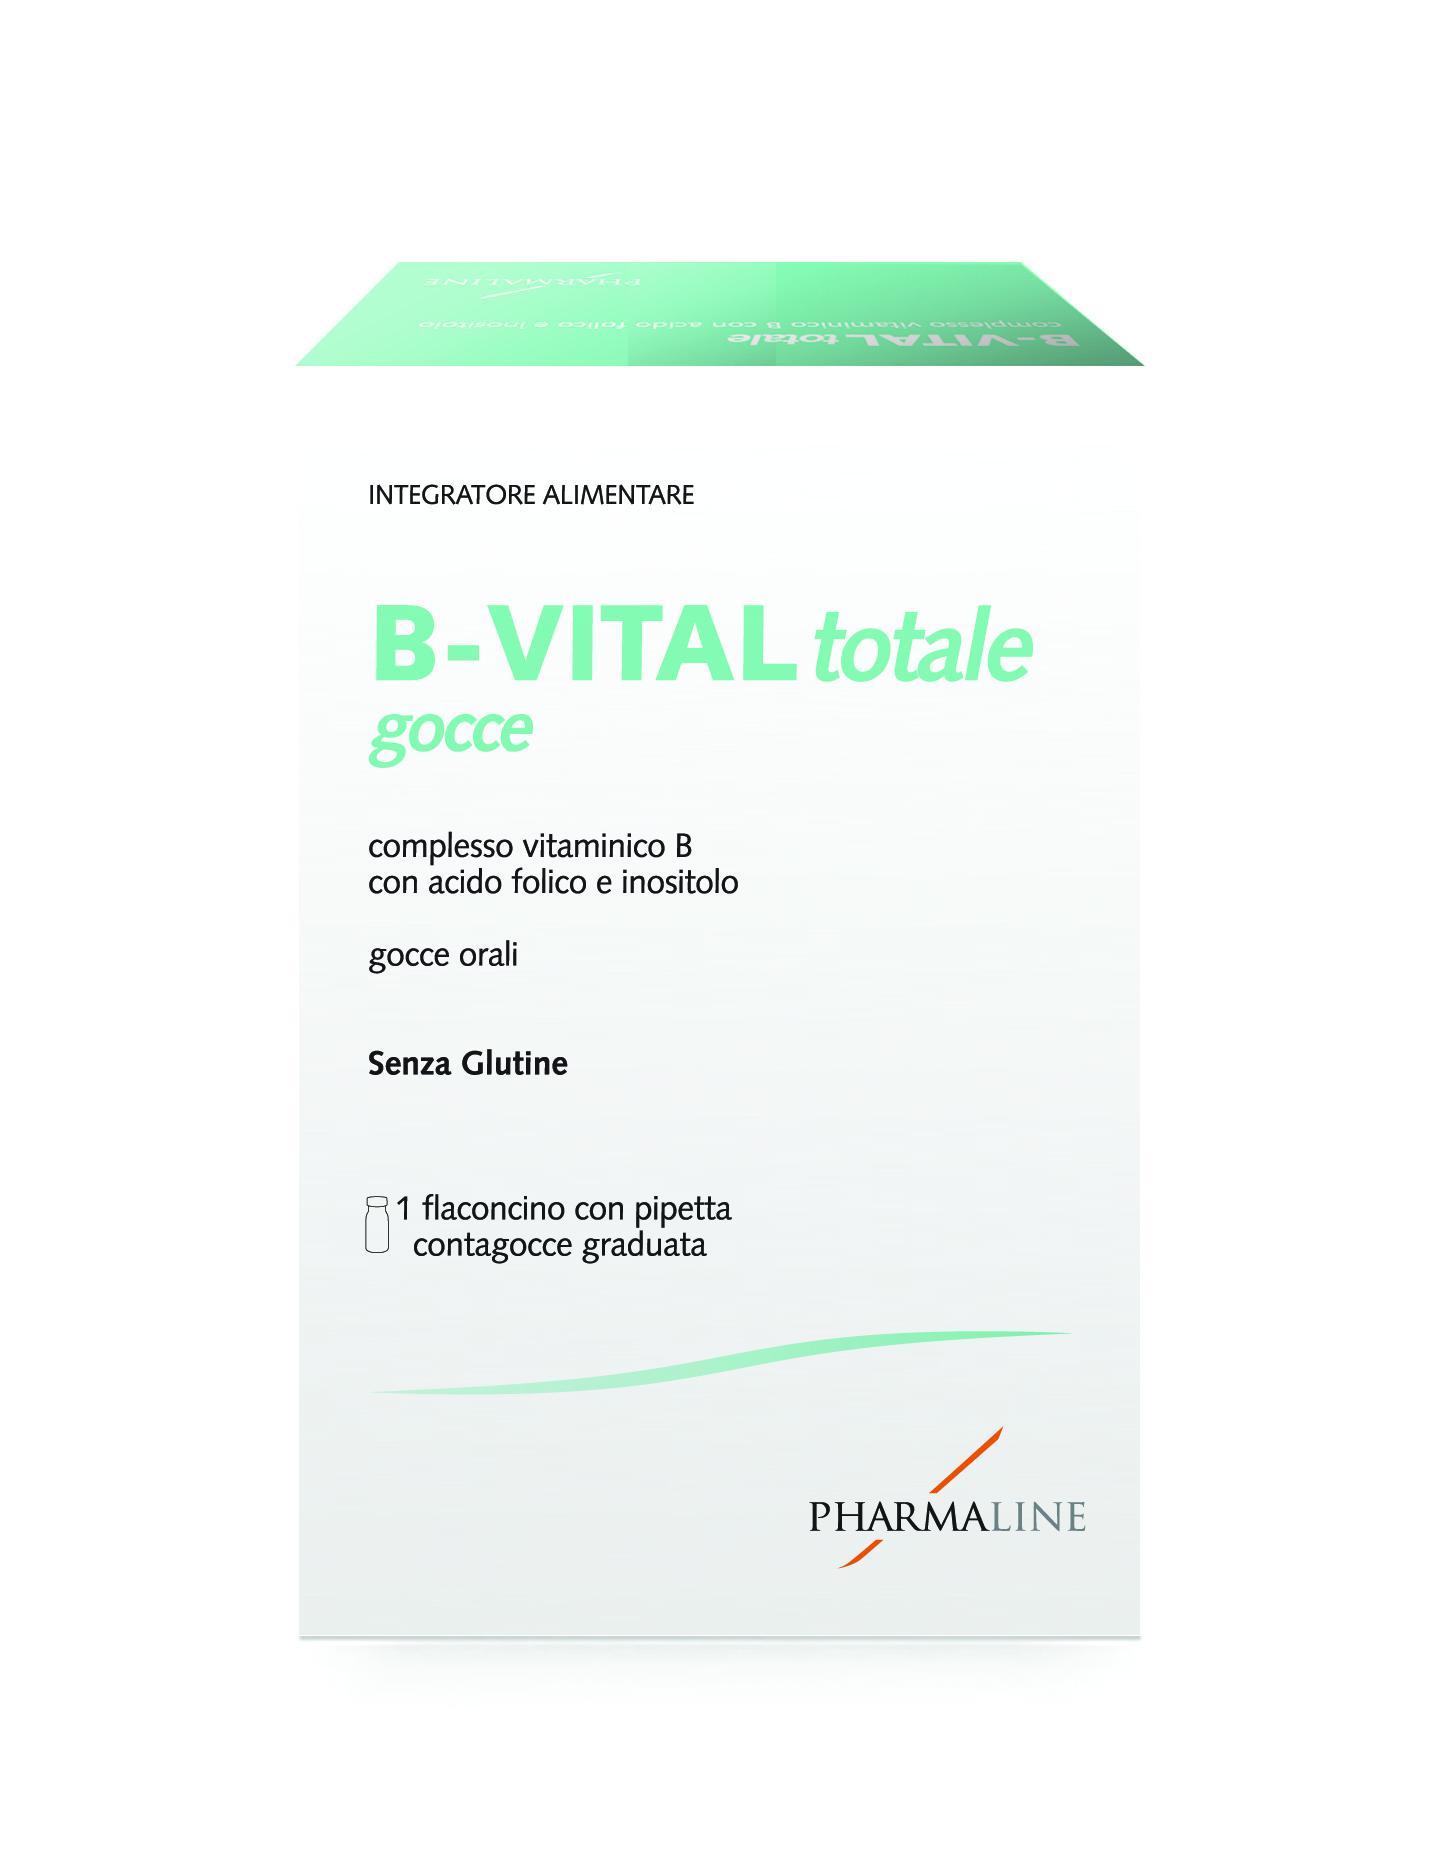 B-VITAL TOTALE GOCCE